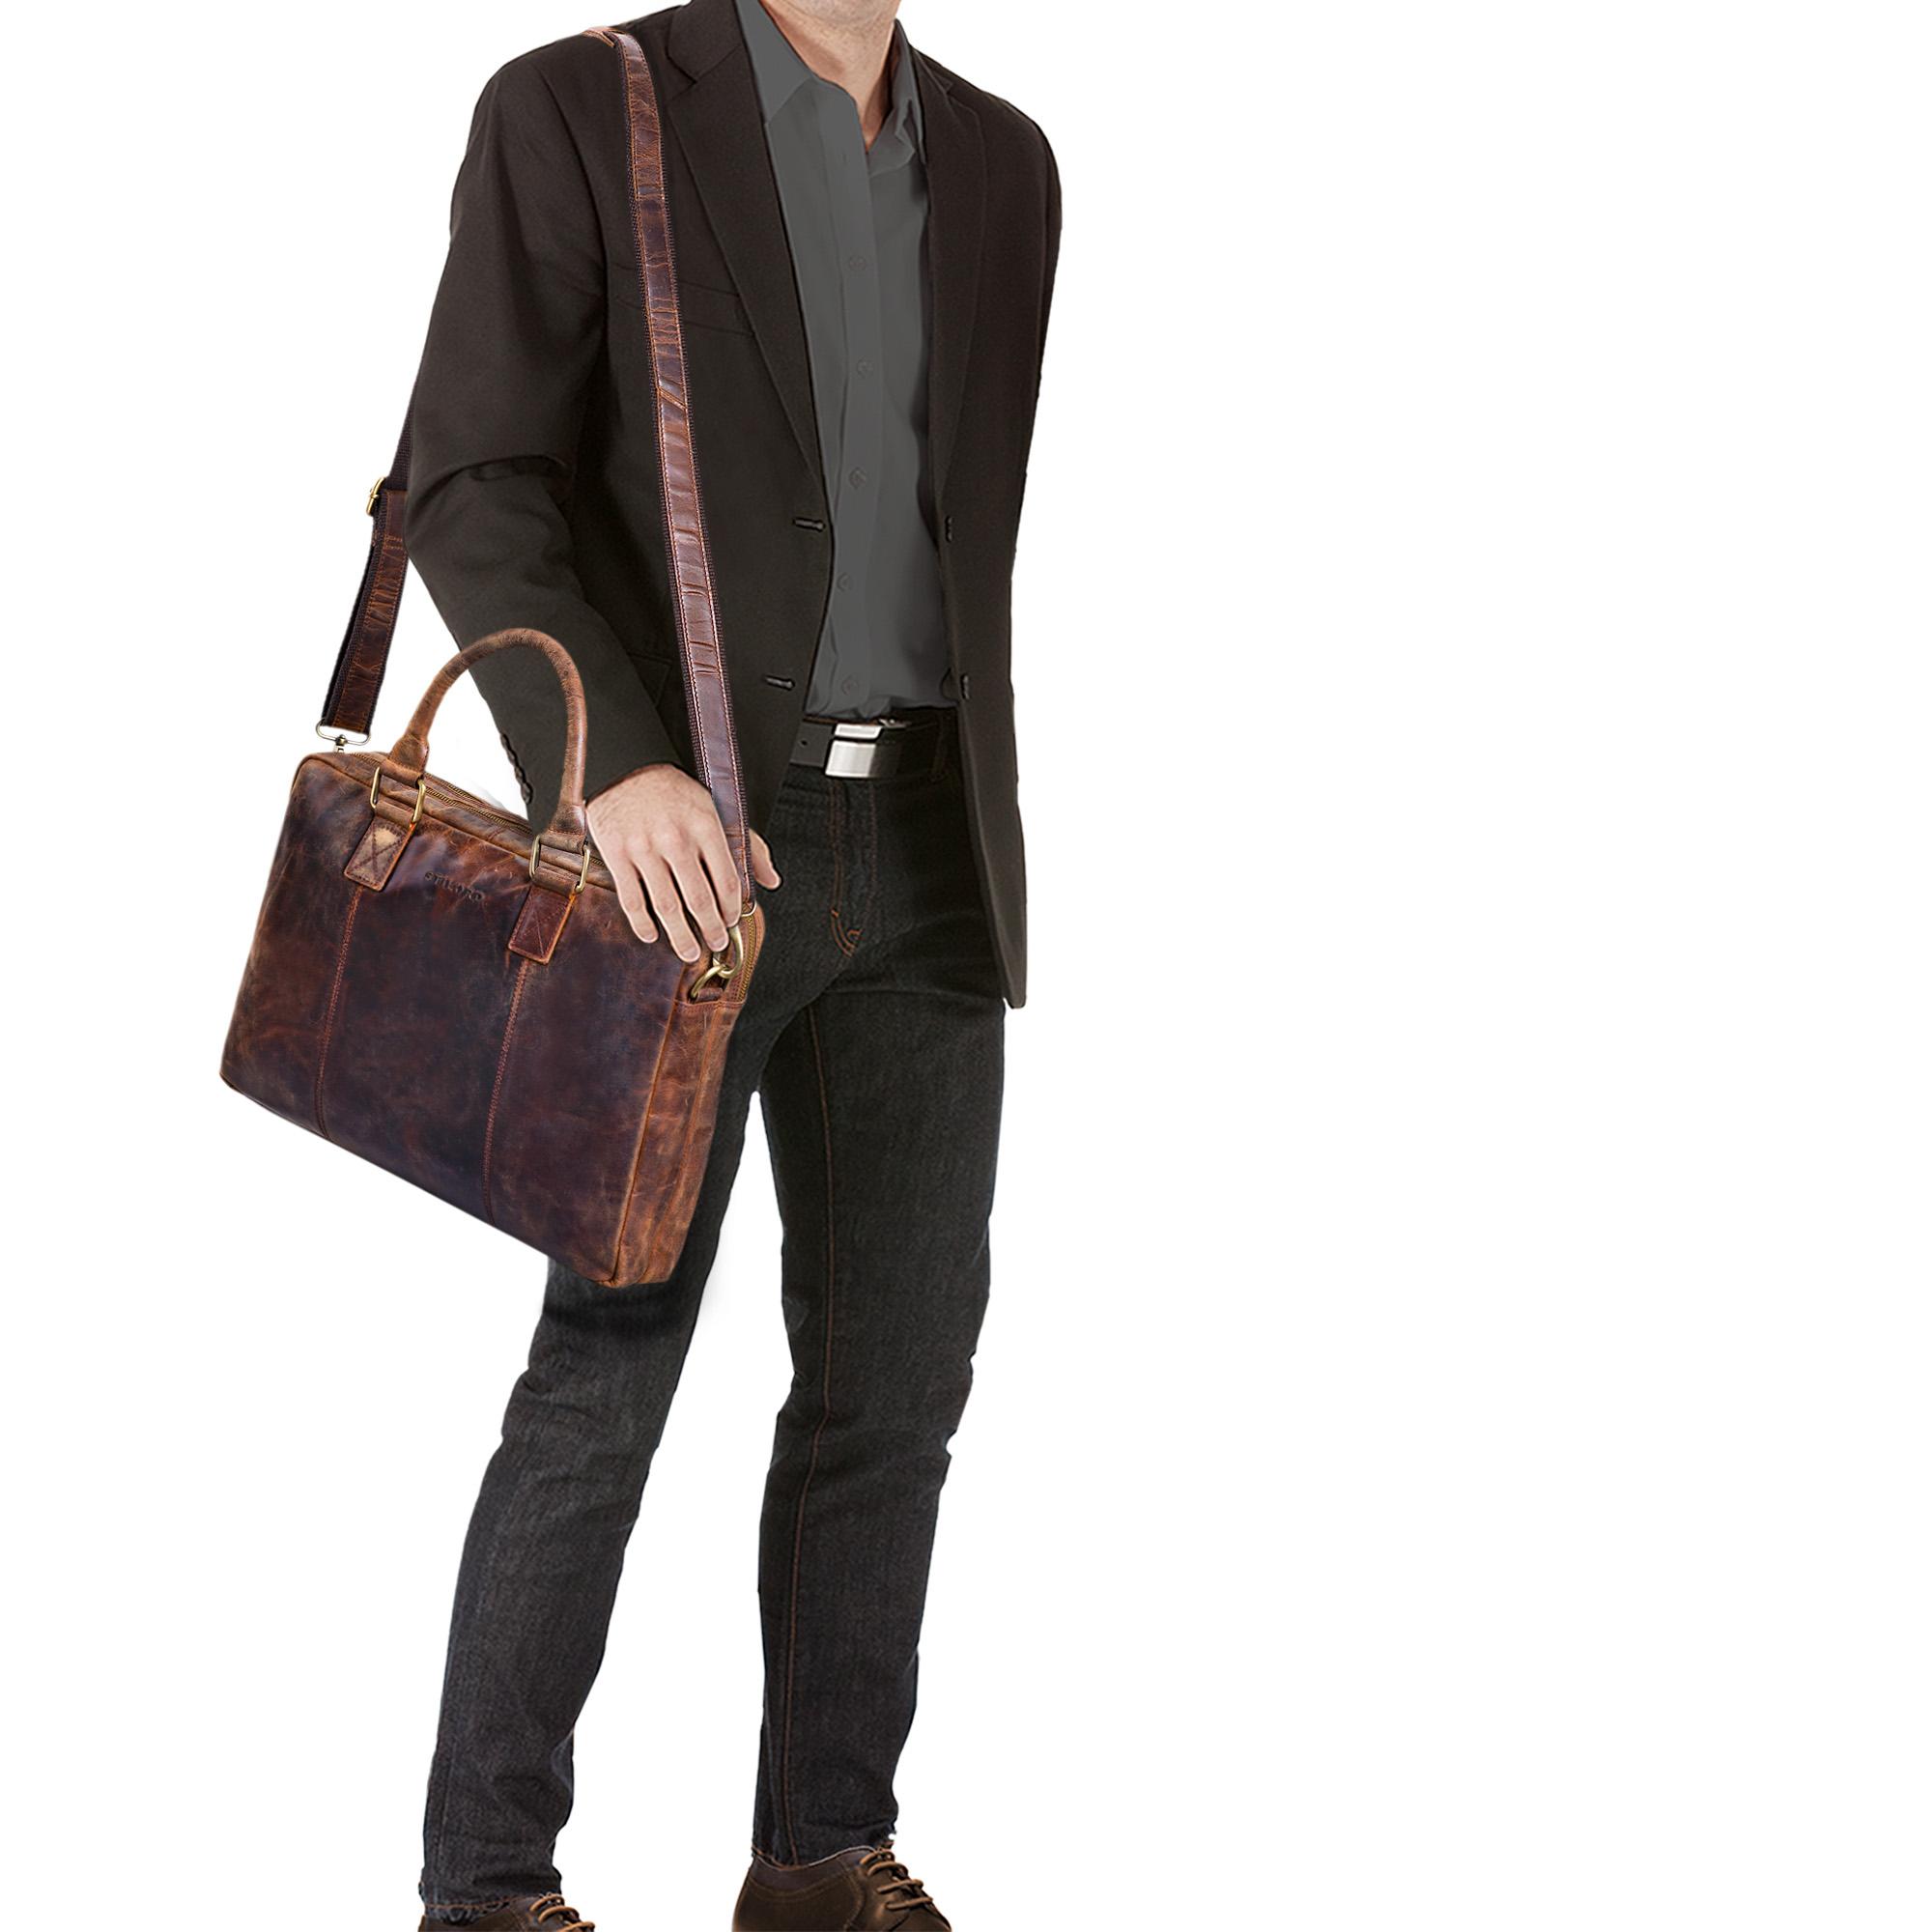 """STILORD """"Zacharias"""" Vintage Businesstasche Leder Aktentasche groß XL 15,6 Zoll Laptoptasche Schultertasche Umhängetasche Echtleder - Bild 2"""